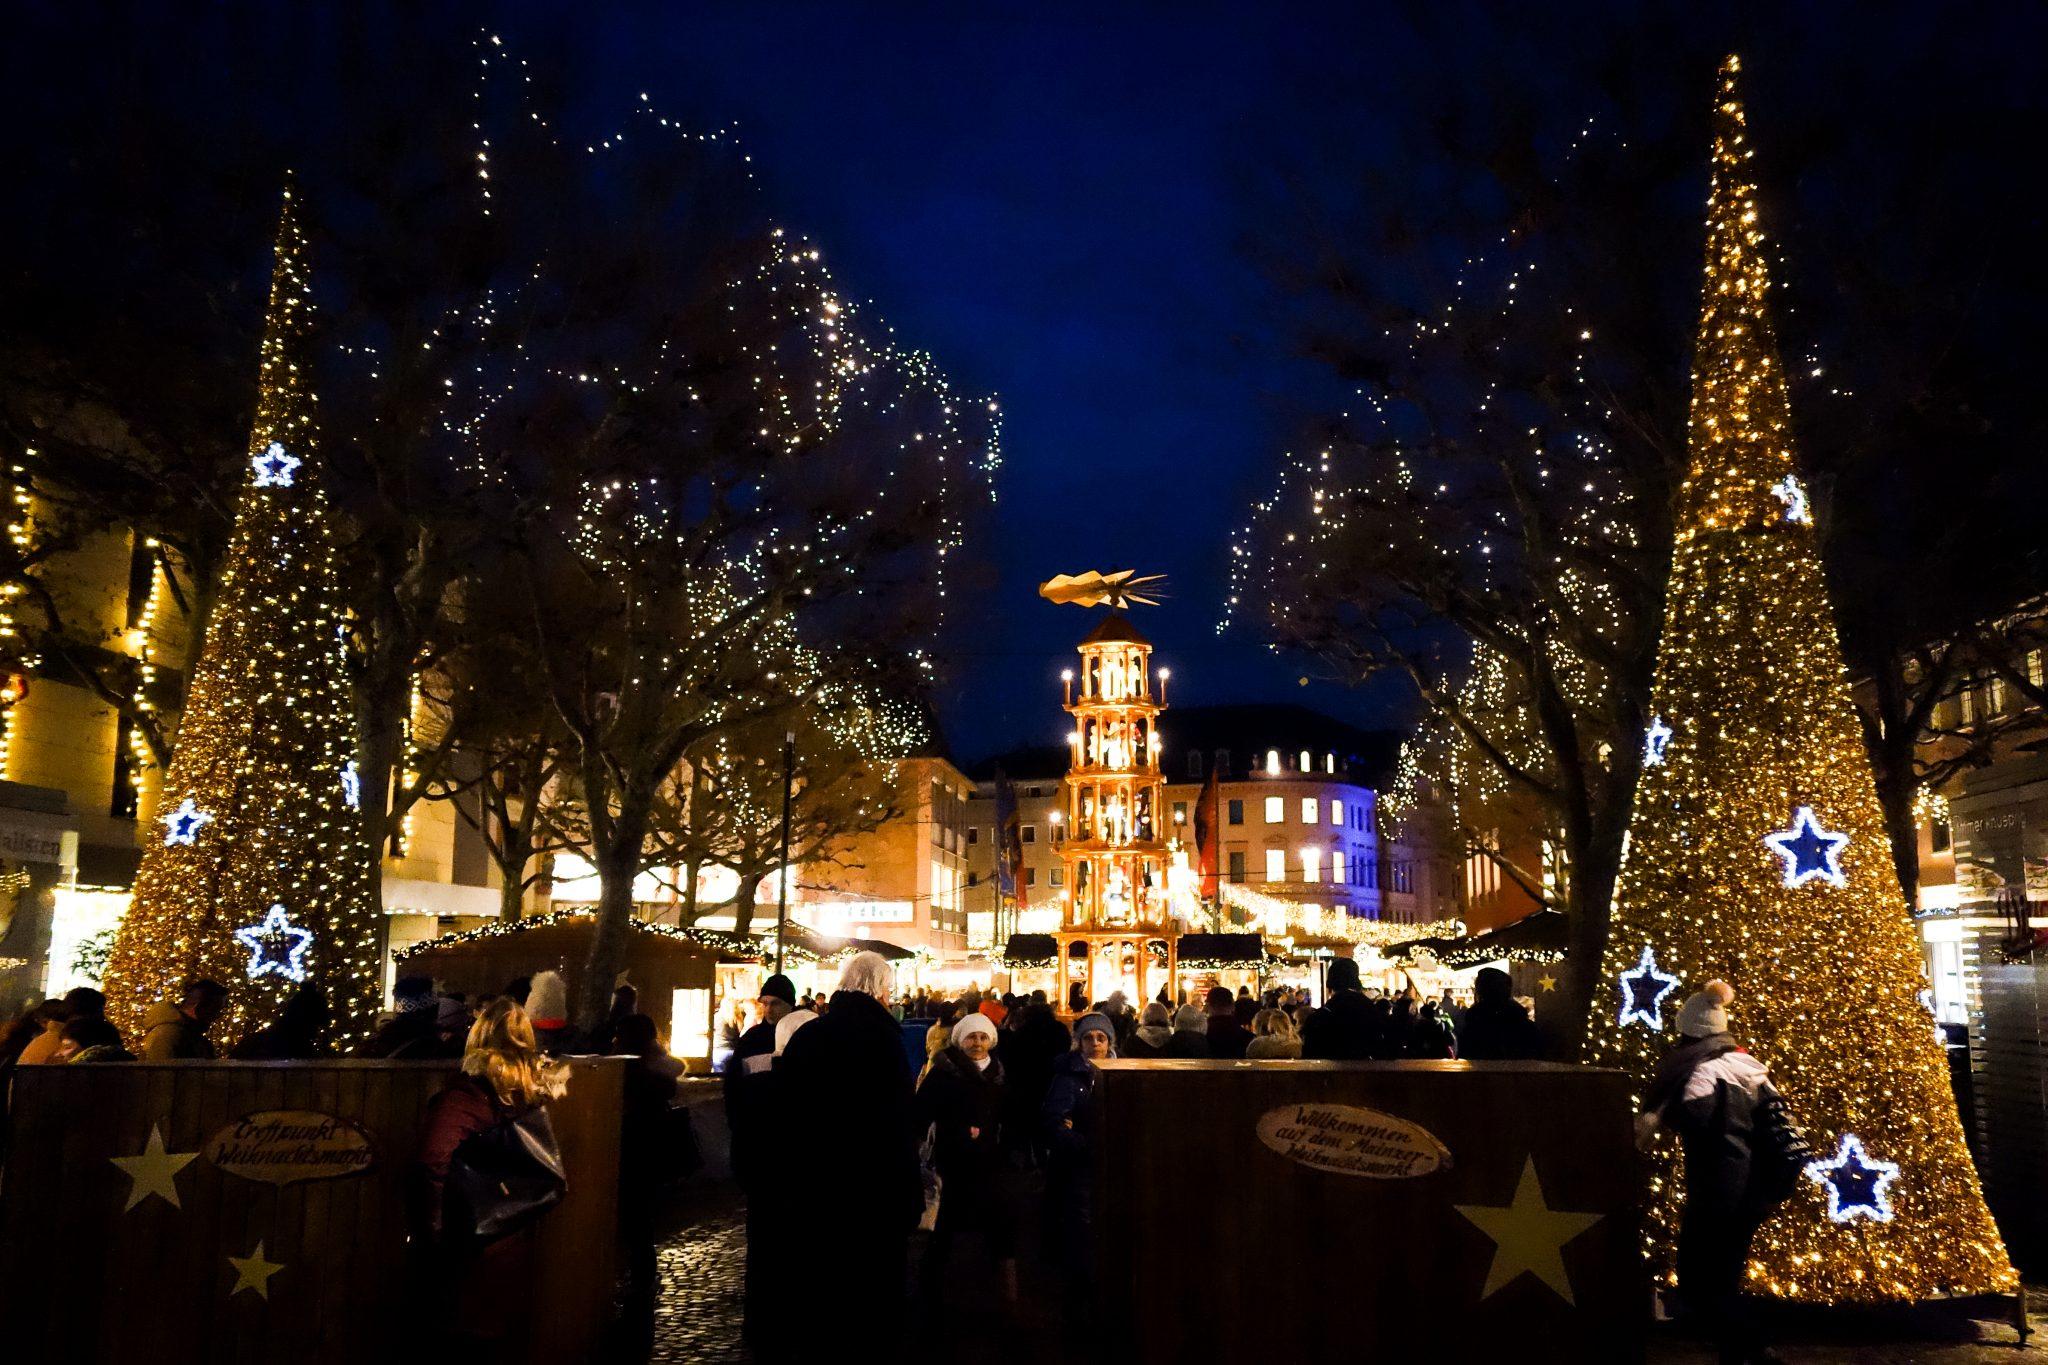 Direkt vor dem Eingang des Mainzer Weihnachtsmarkts stehen 2 große Betonblöcke, welche aufgehübscht worden sind. Kannst du sie erkennen? Die anderen Eingänge werden von Polizeiautos blockiert und nur Busse können durchfahren.